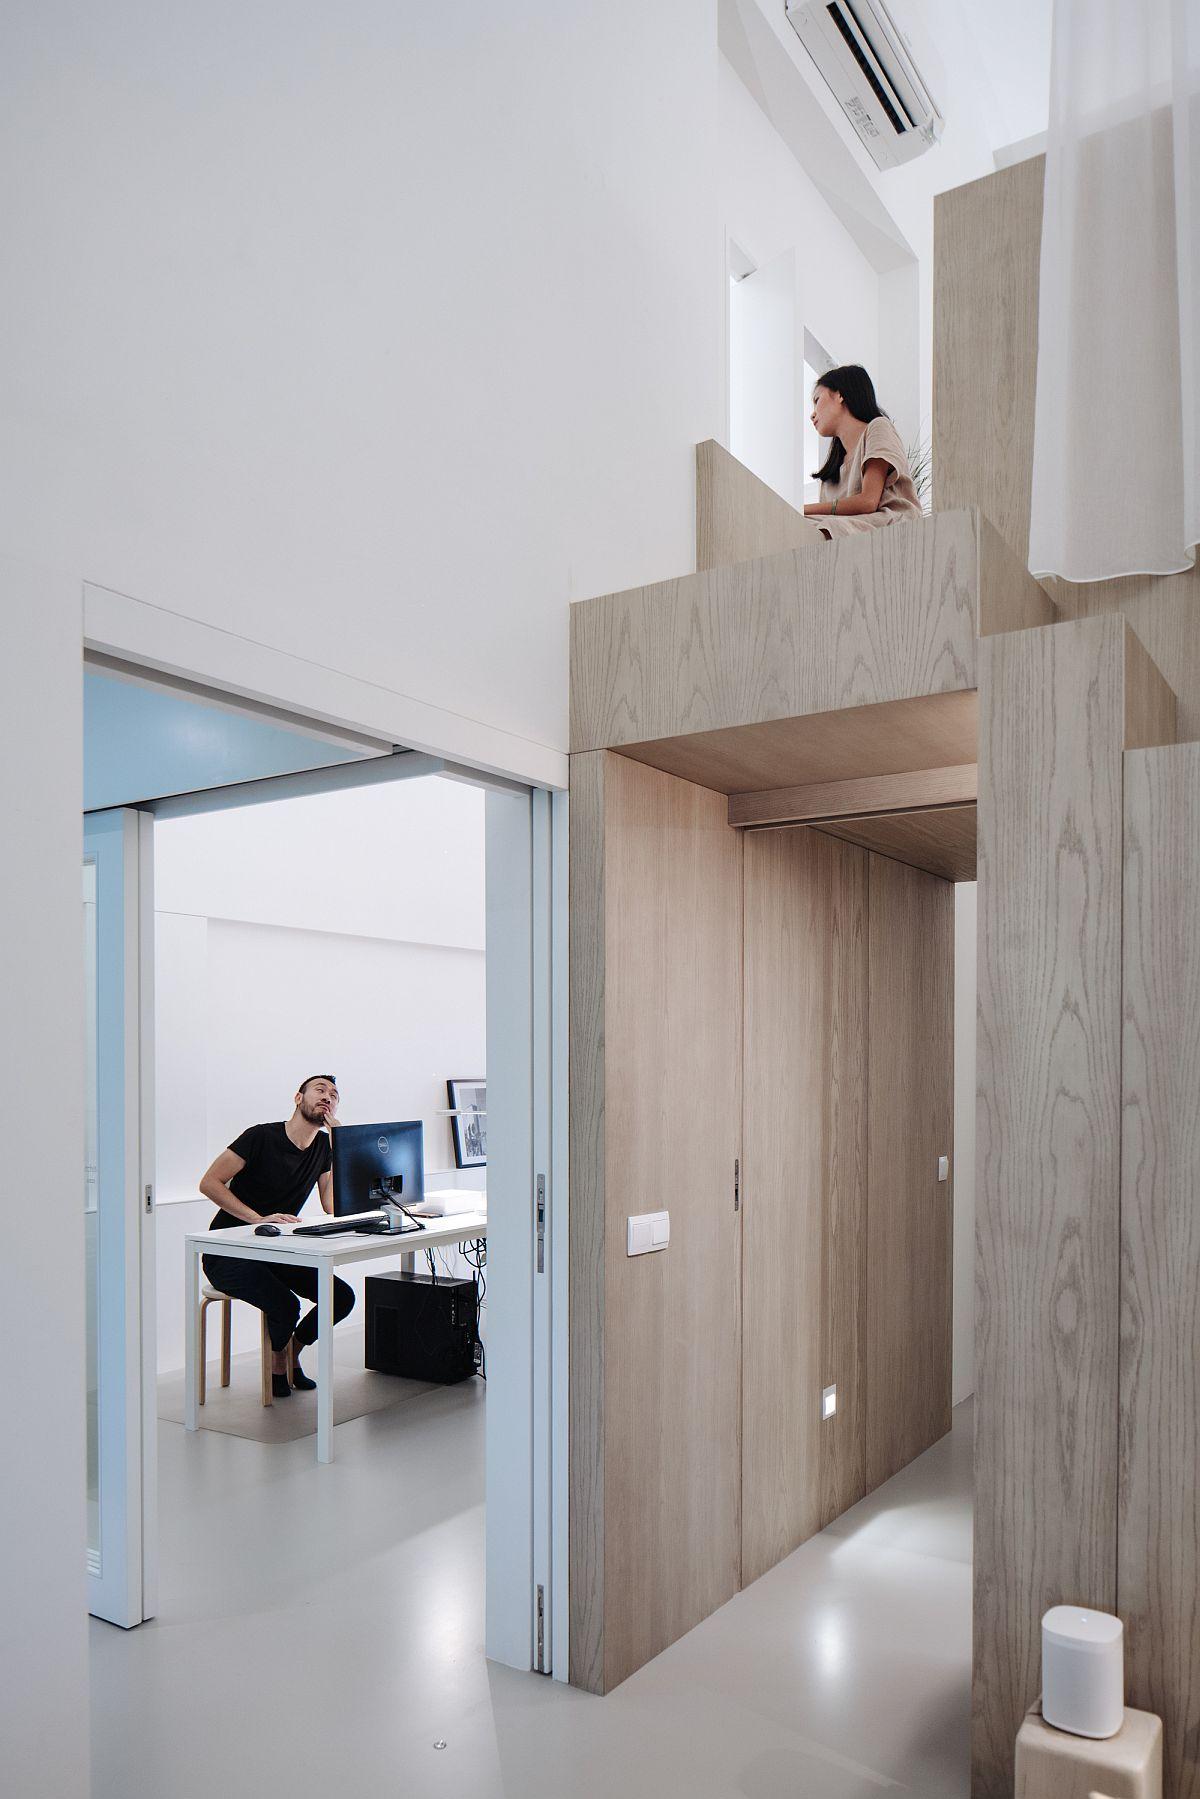 Créer un lien entre la chambre au niveau loft et l'espace bureau de l'appartement